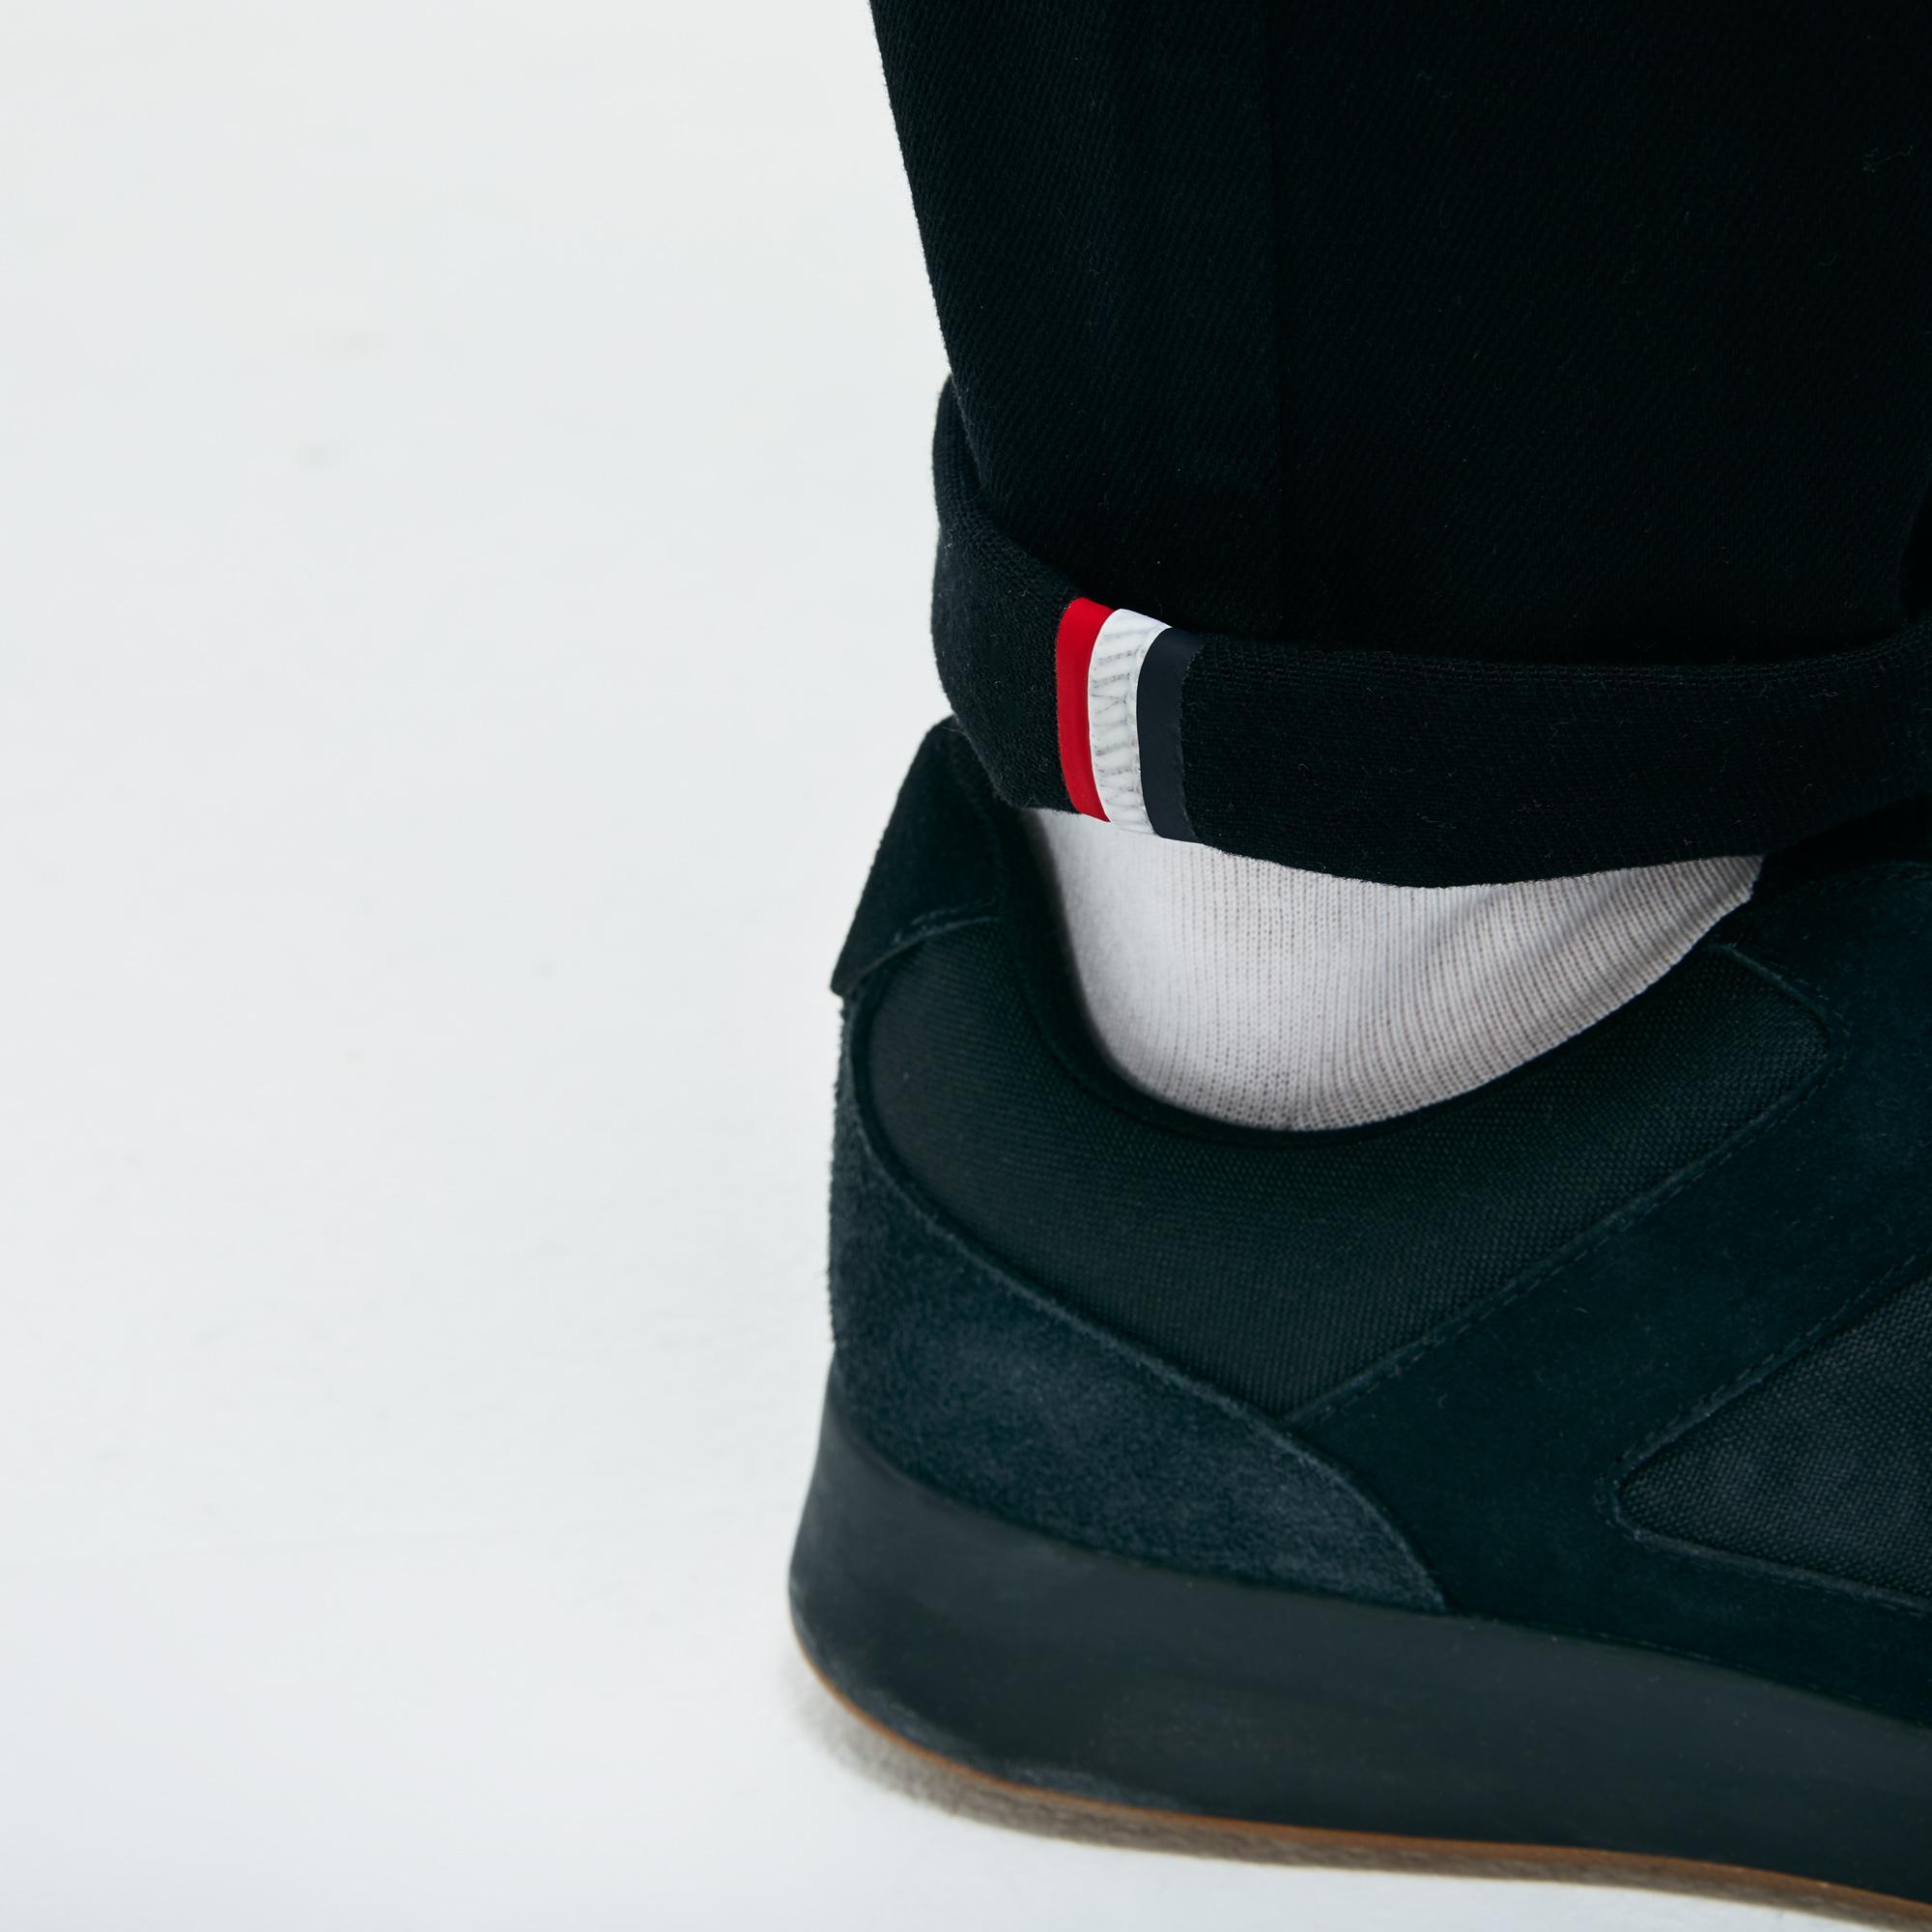 Фото 4 - Джинсы Lacoste черного цвета